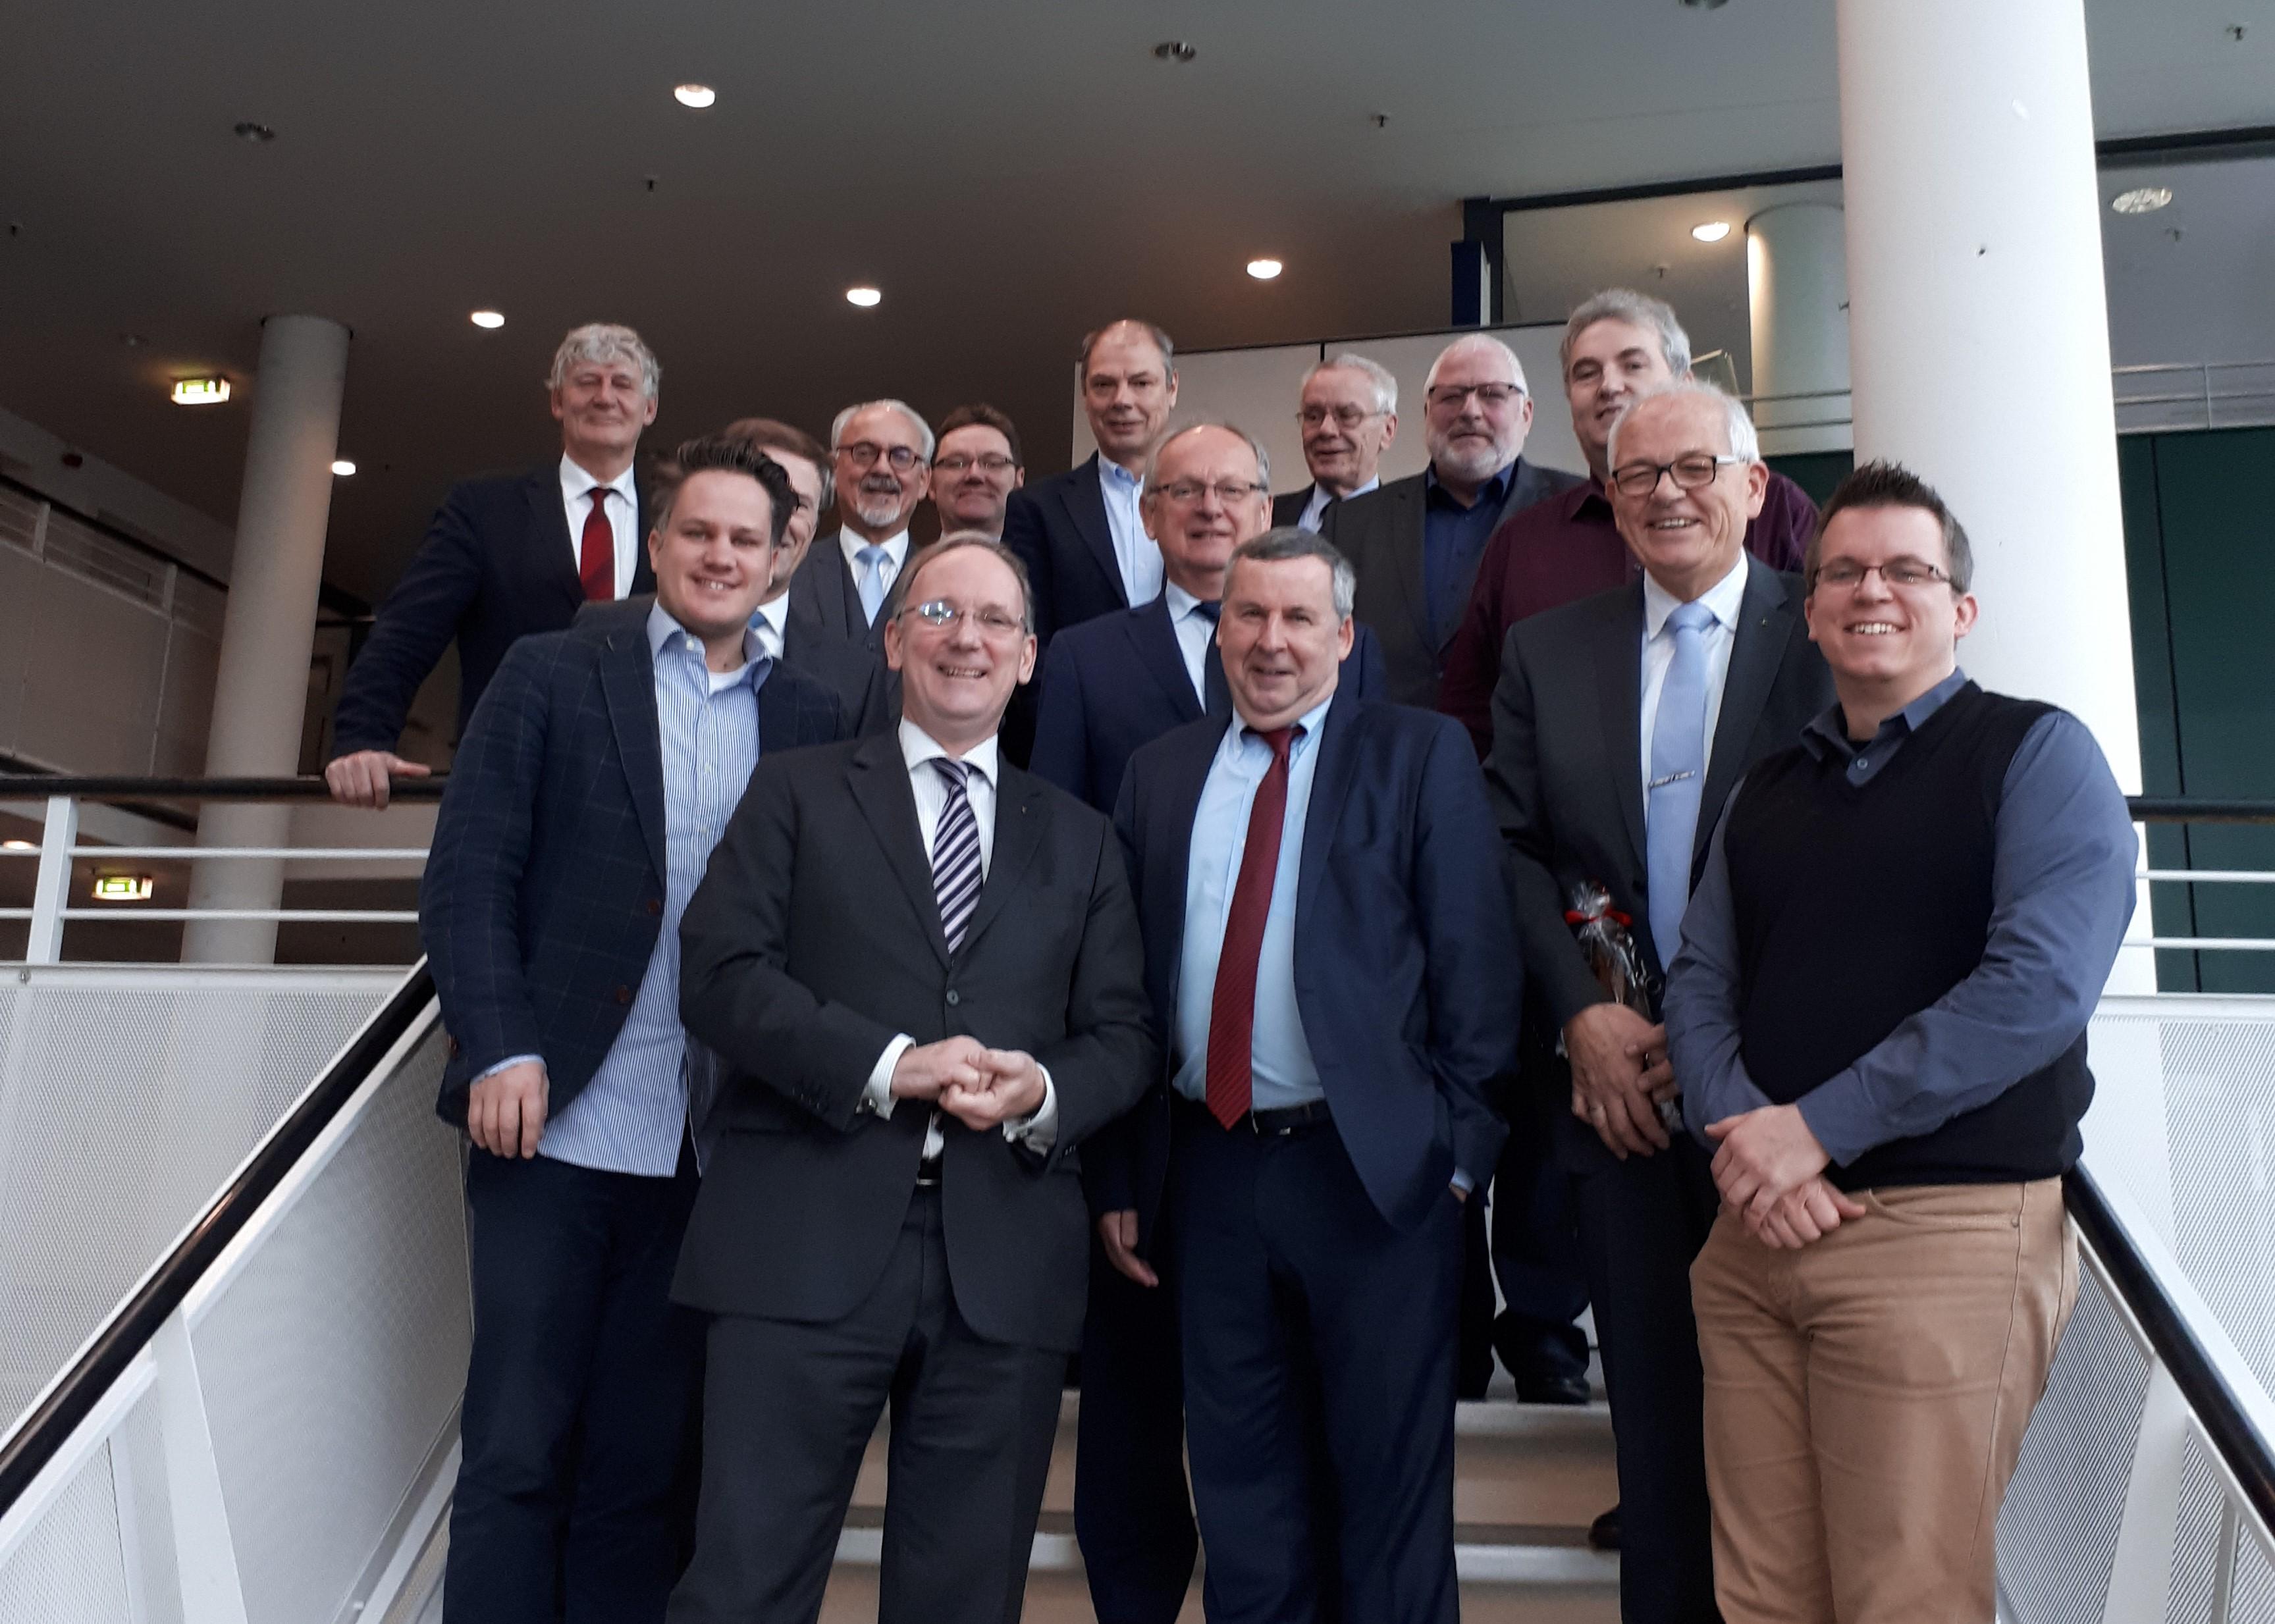 AGIT verabschiedet langjähriges Aufsichtsratsmitglied Hubert Herpers